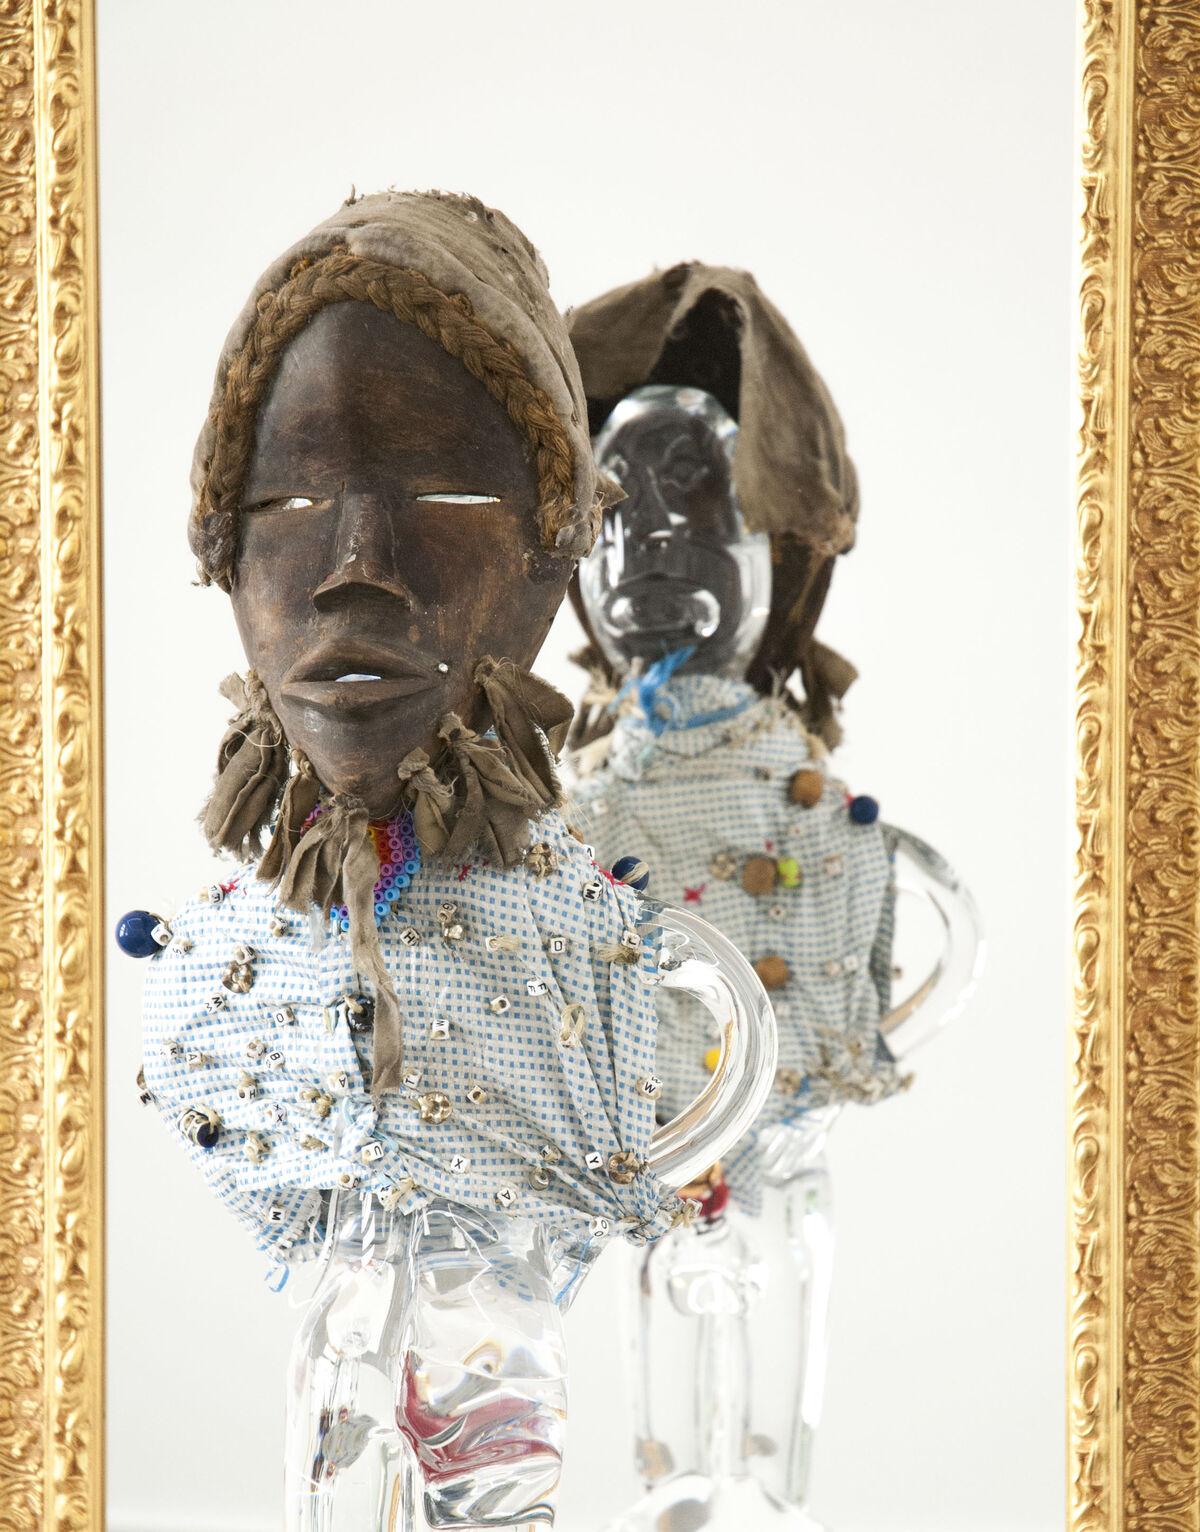 Pascale masquée © Pascale Marthine Tayou - Galleria Continua